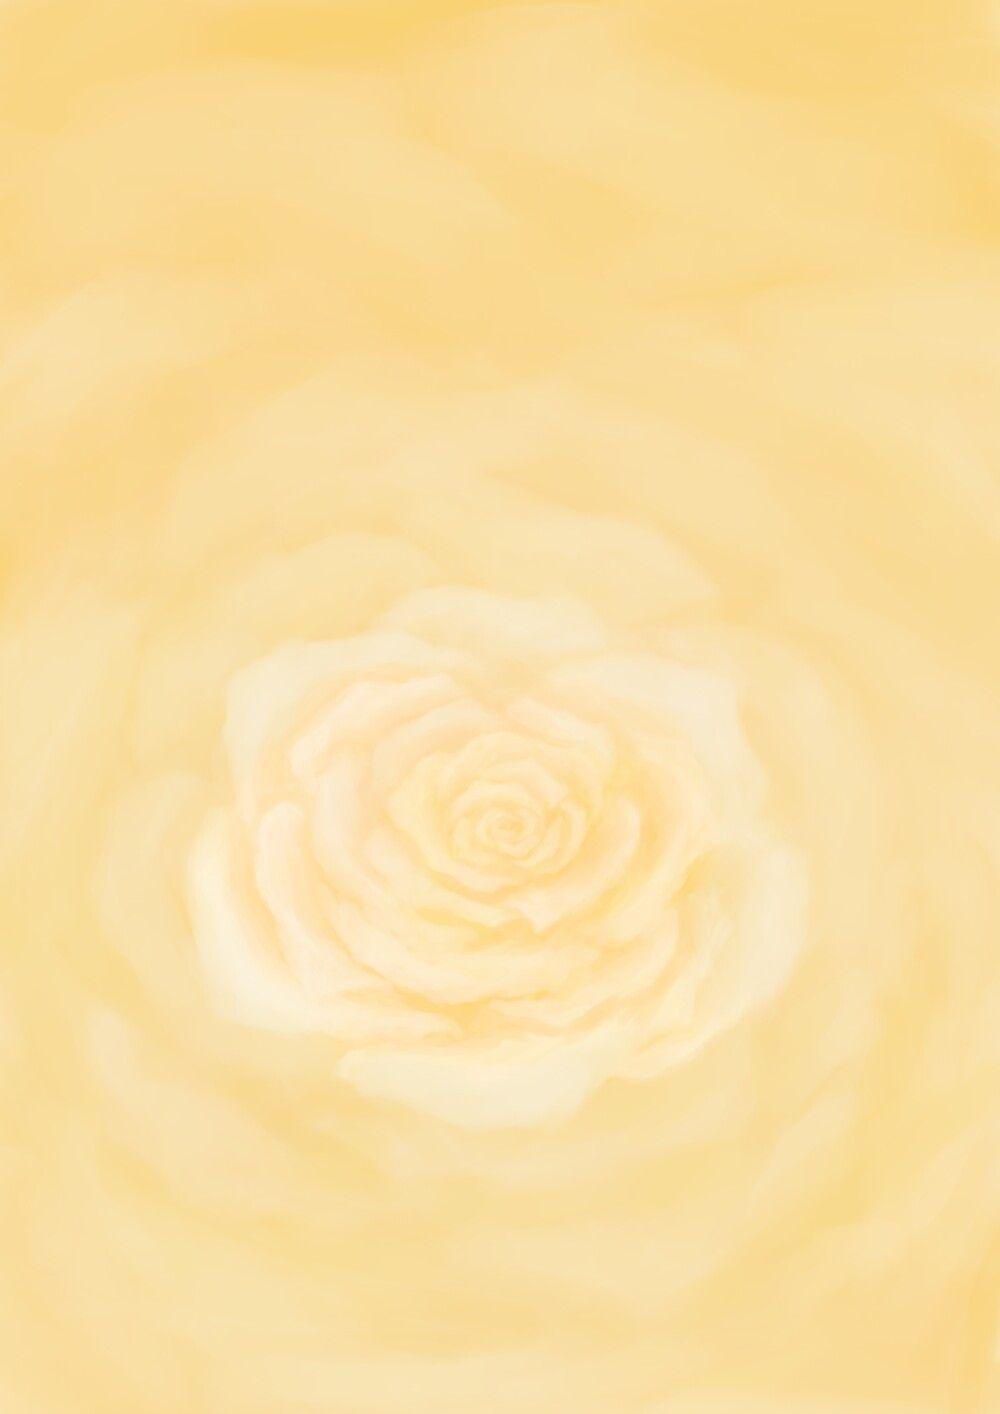 بالصور خلفية صفراء , اجمل الصور و الخلفيات باللون الاصفر 3454 2